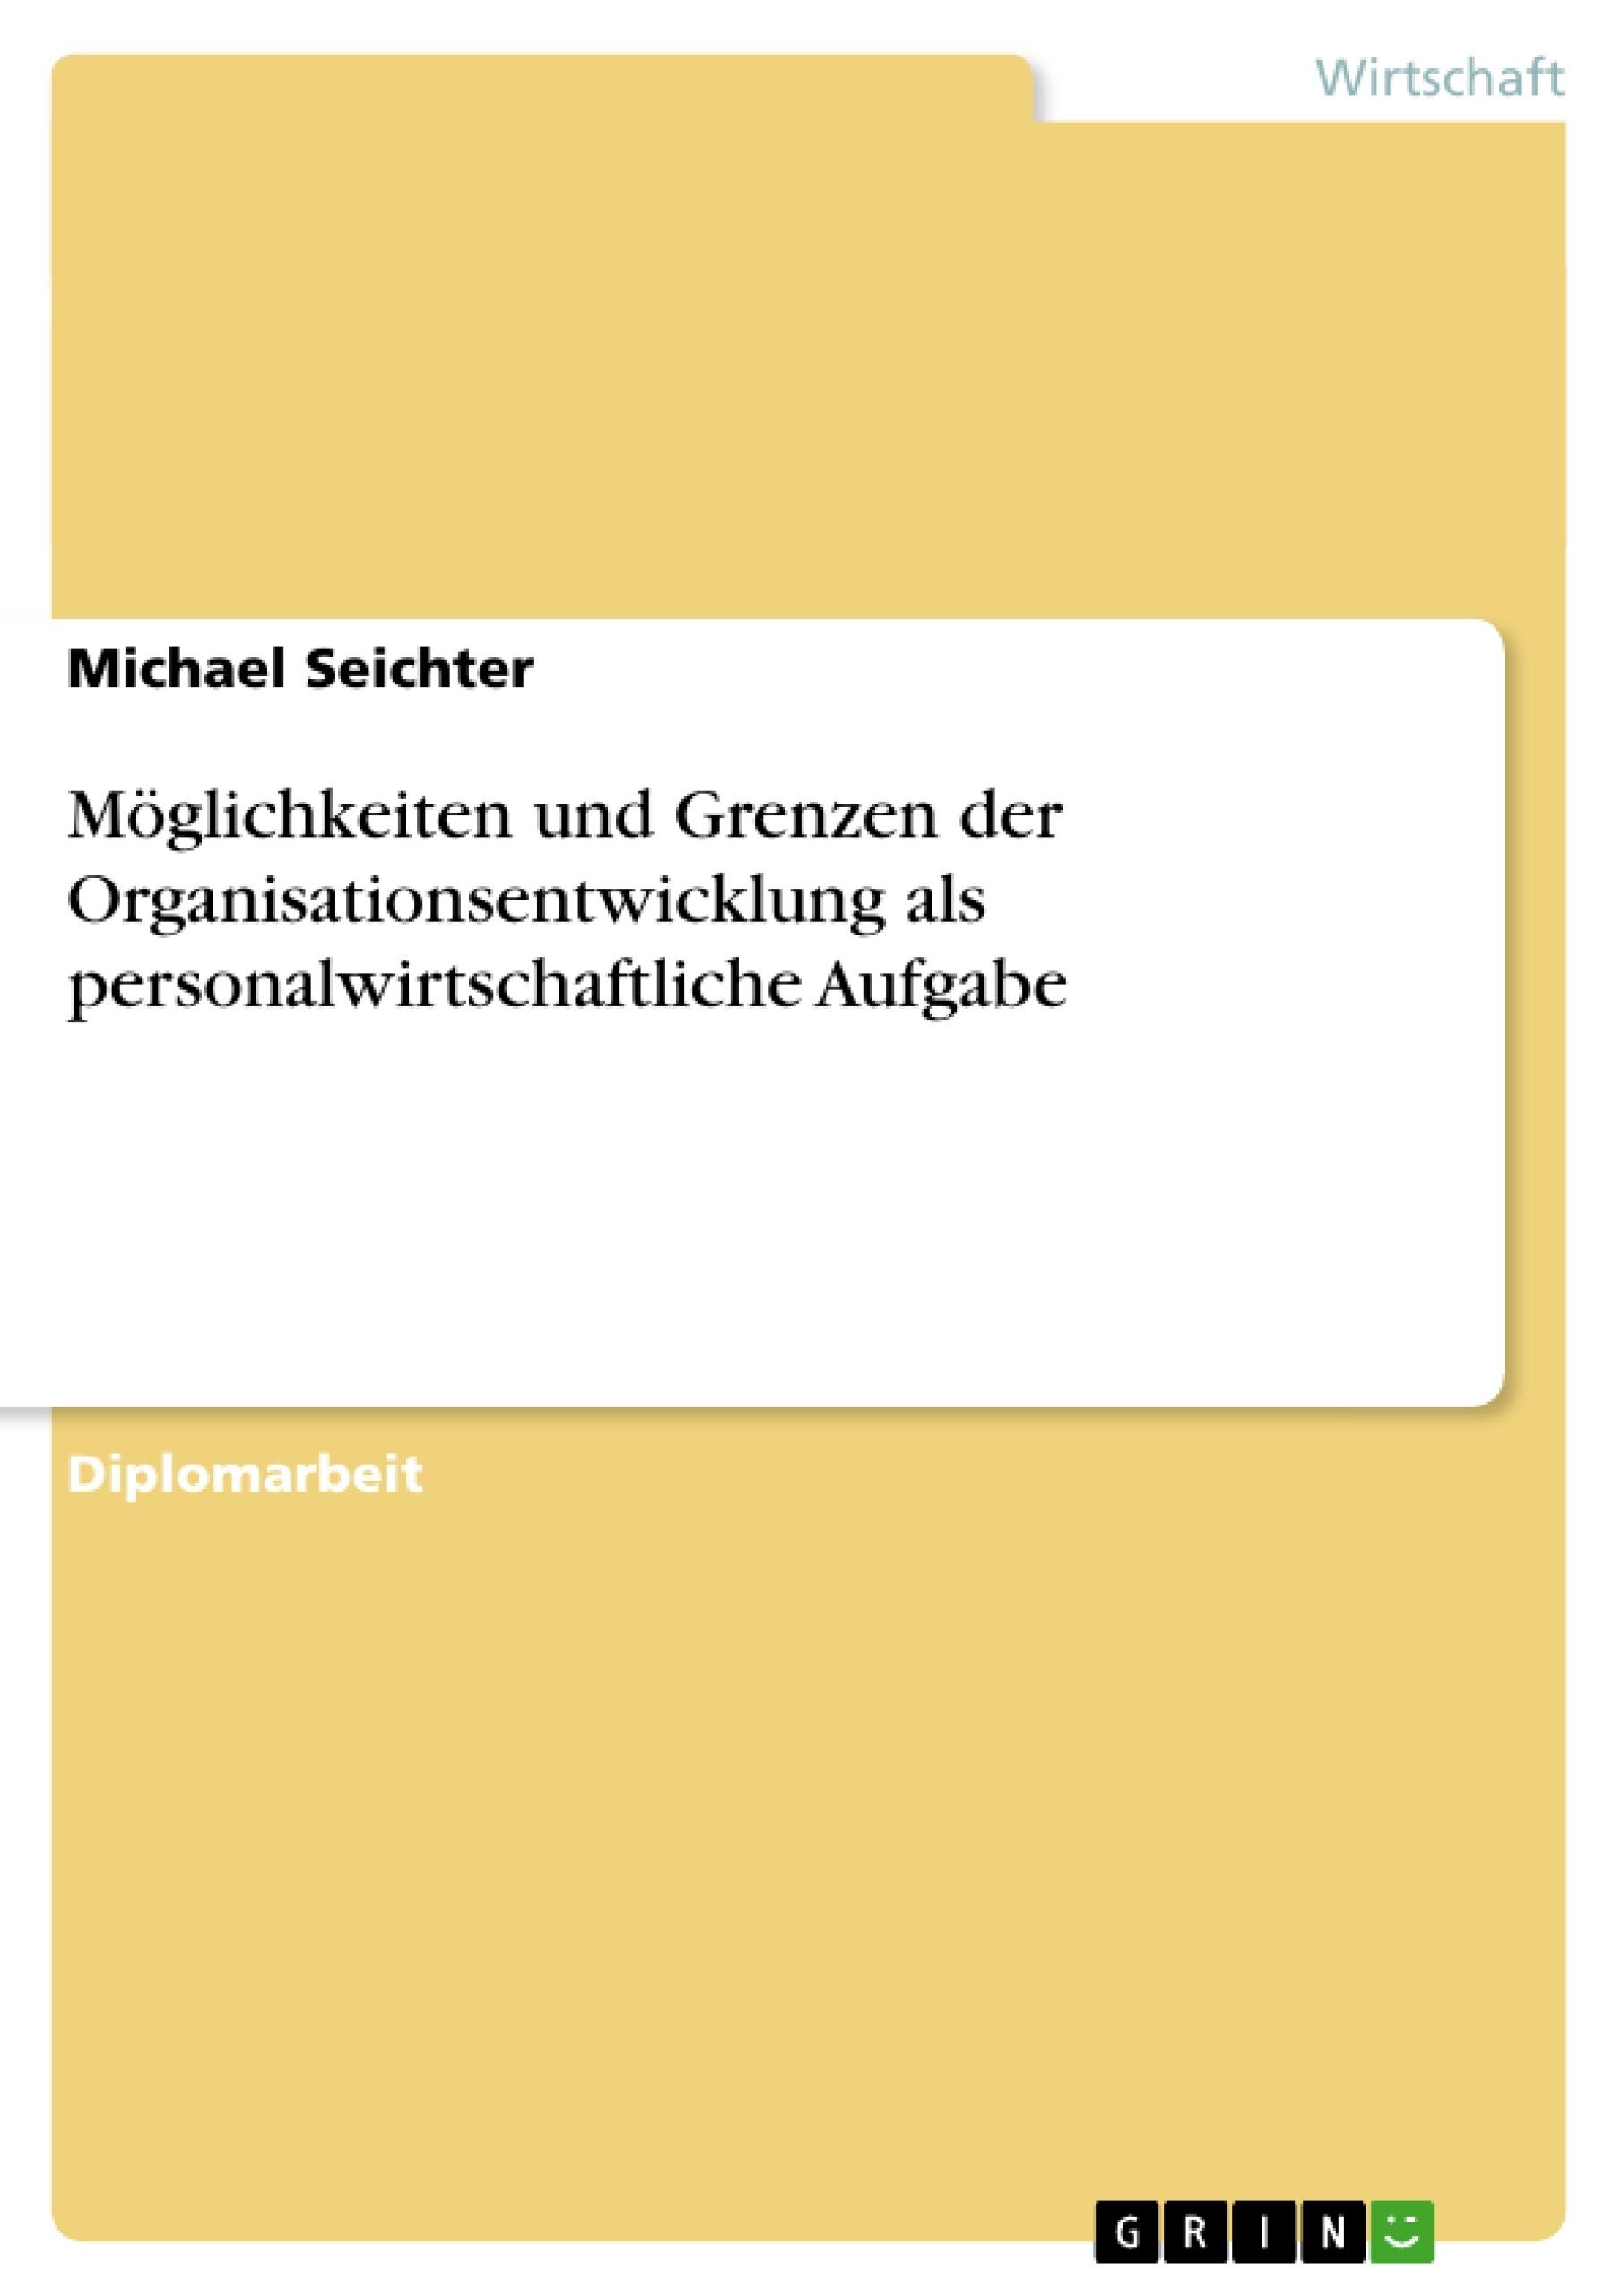 Titel: Möglichkeiten und Grenzen der Organisationsentwicklung als personalwirtschaftliche Aufgabe